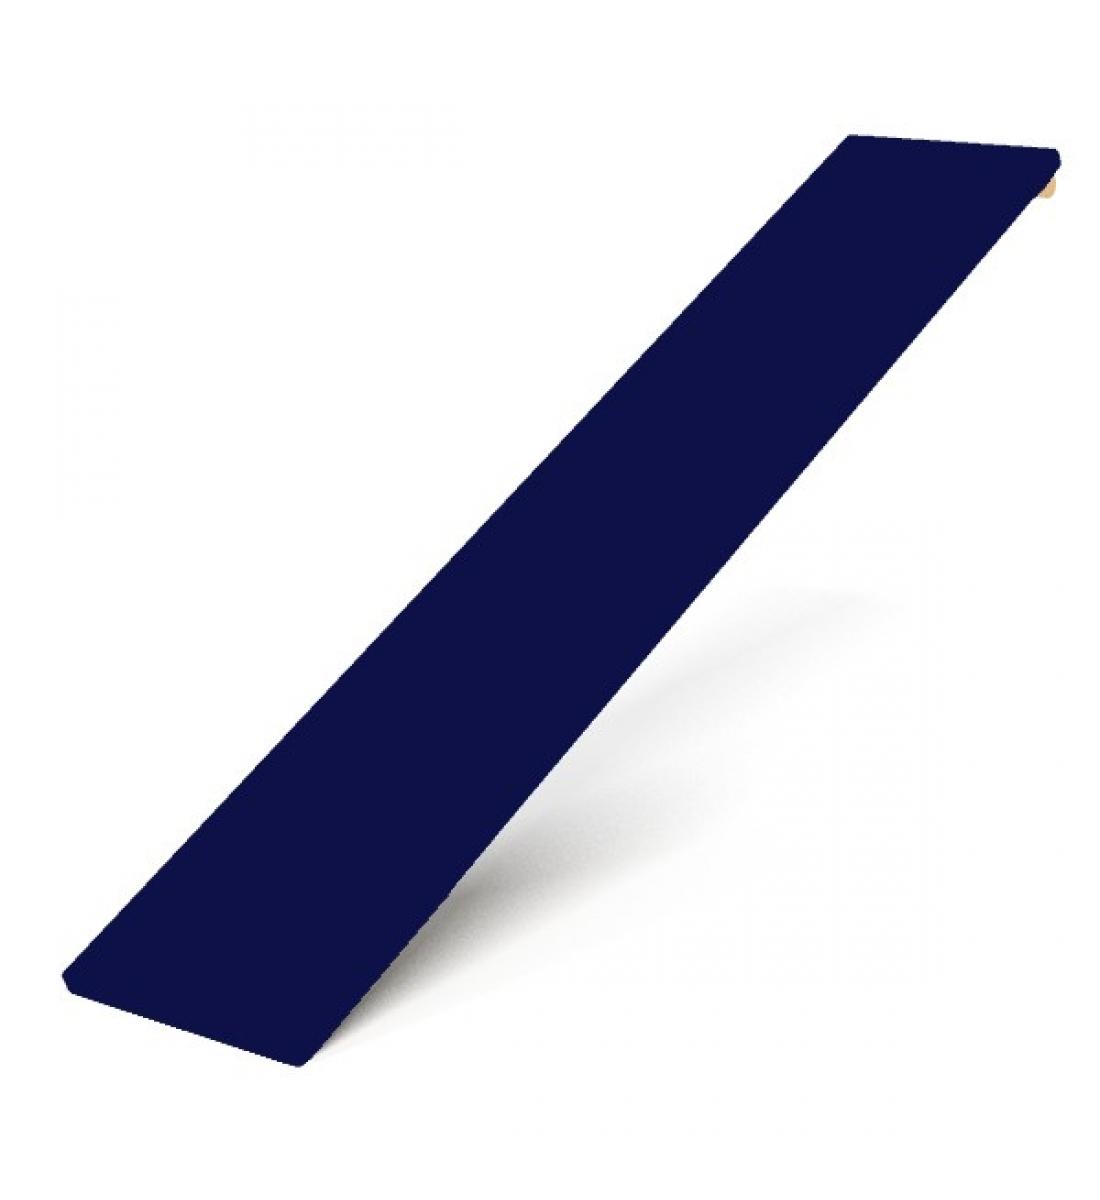 Доска для пресса (синяя)